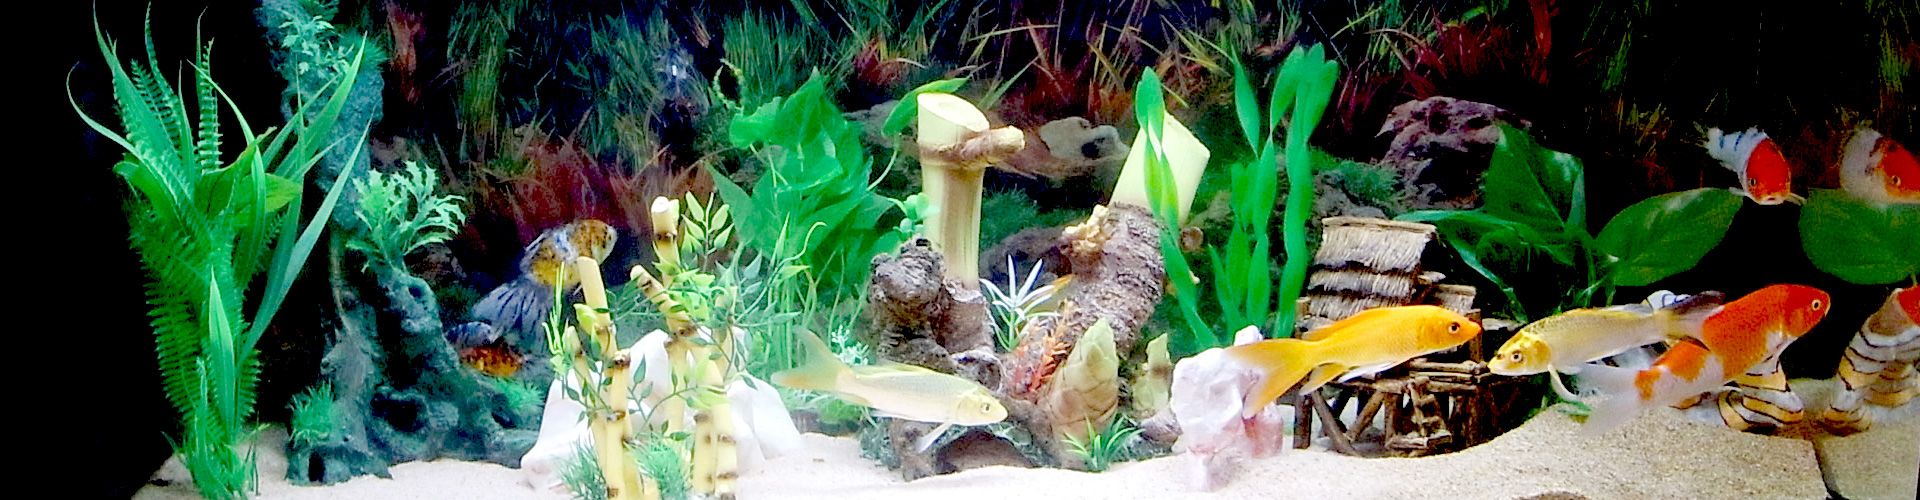 Vendita pesci rossi torino d 39 acqua fredda e da laghetto for Vaschetta pesci rossi offerte